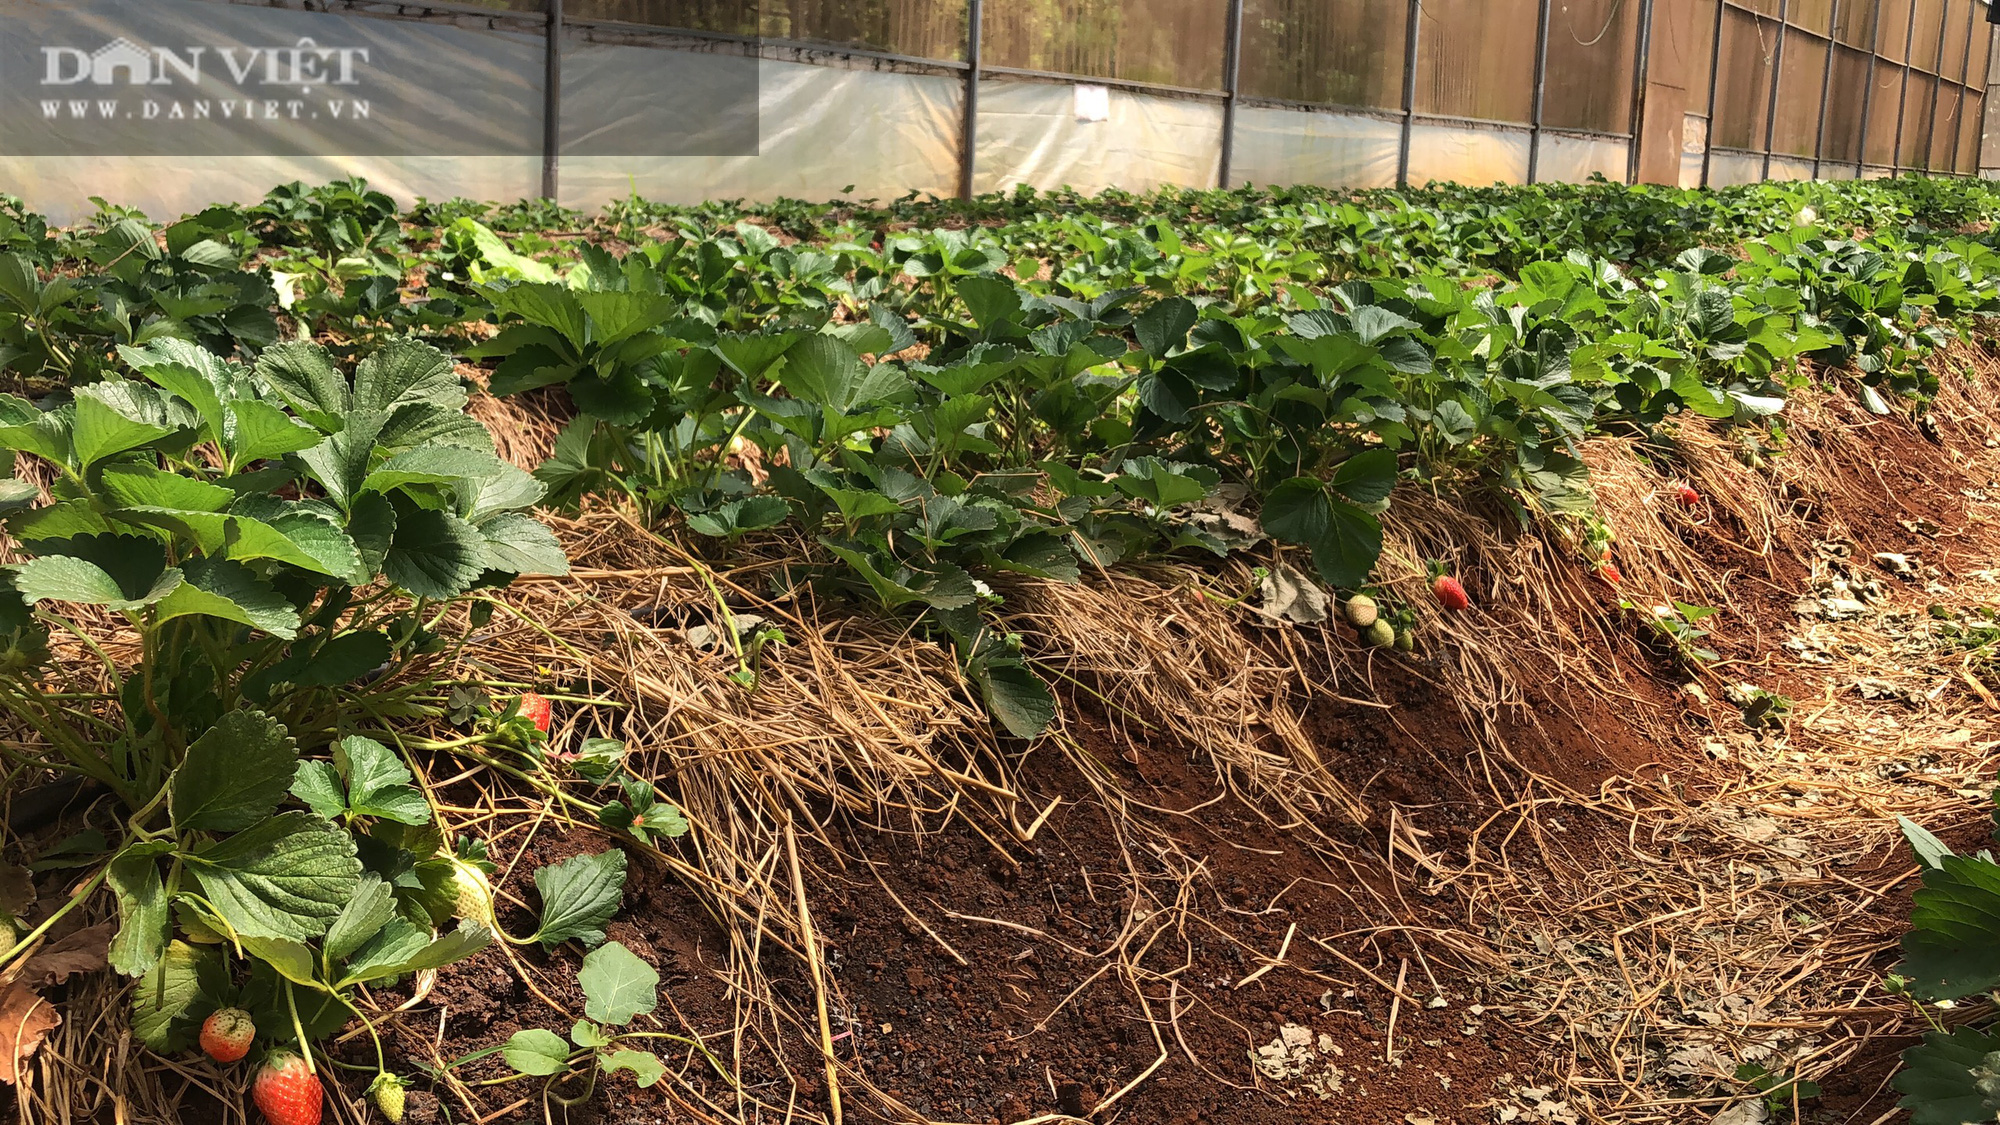 Kỹ sư 8X đánh liều trồng giống dâu lạ, làm 2 vụ đã thu hồi vốn đầu tư ban đầu - Ảnh 3.